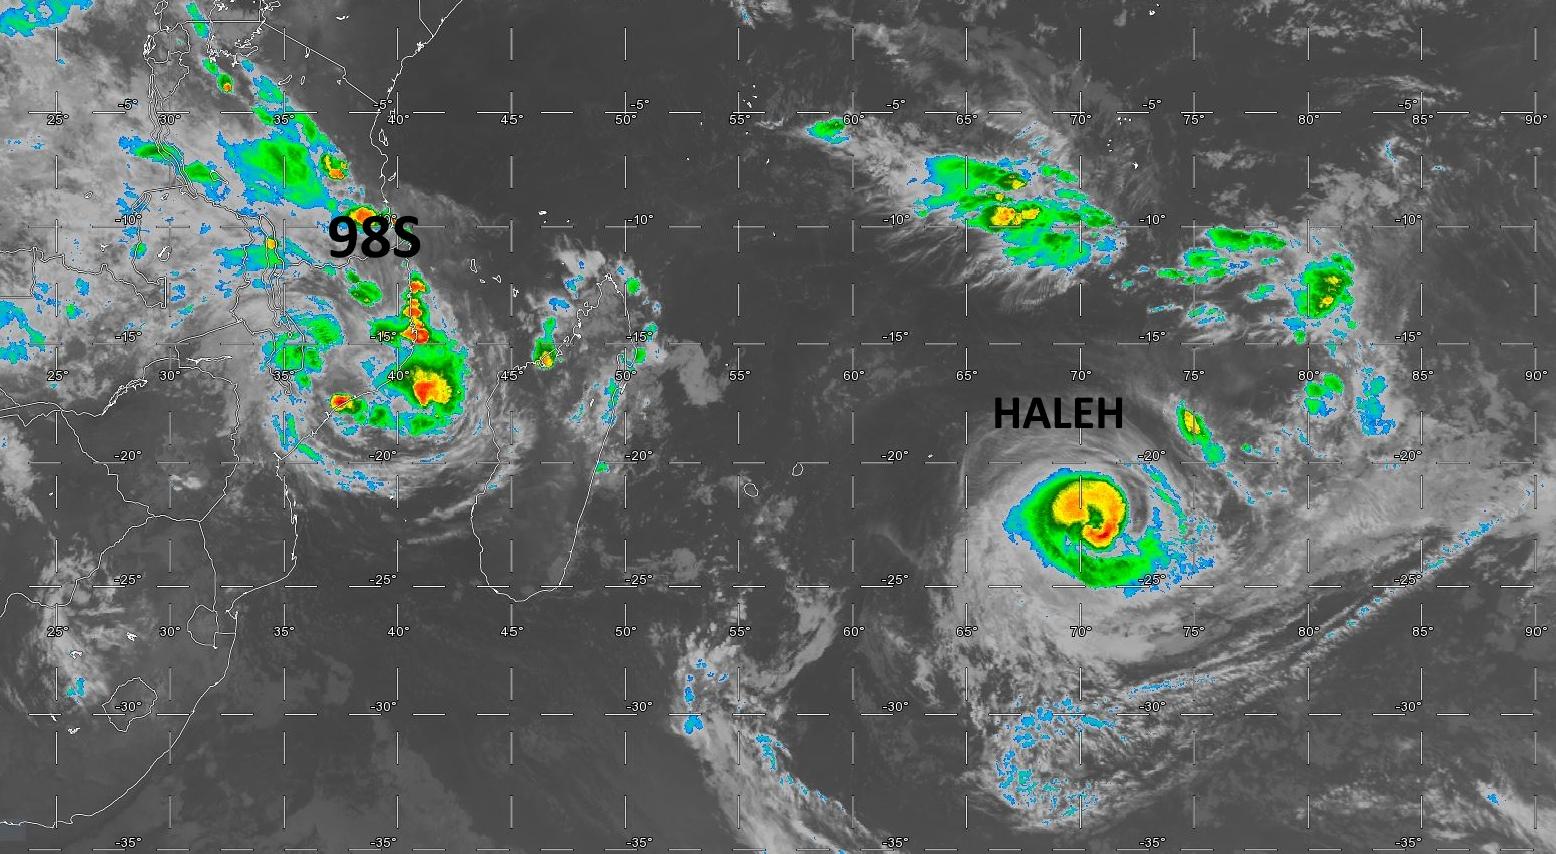 Les deux systèmes capturés par satellite à 07heures.